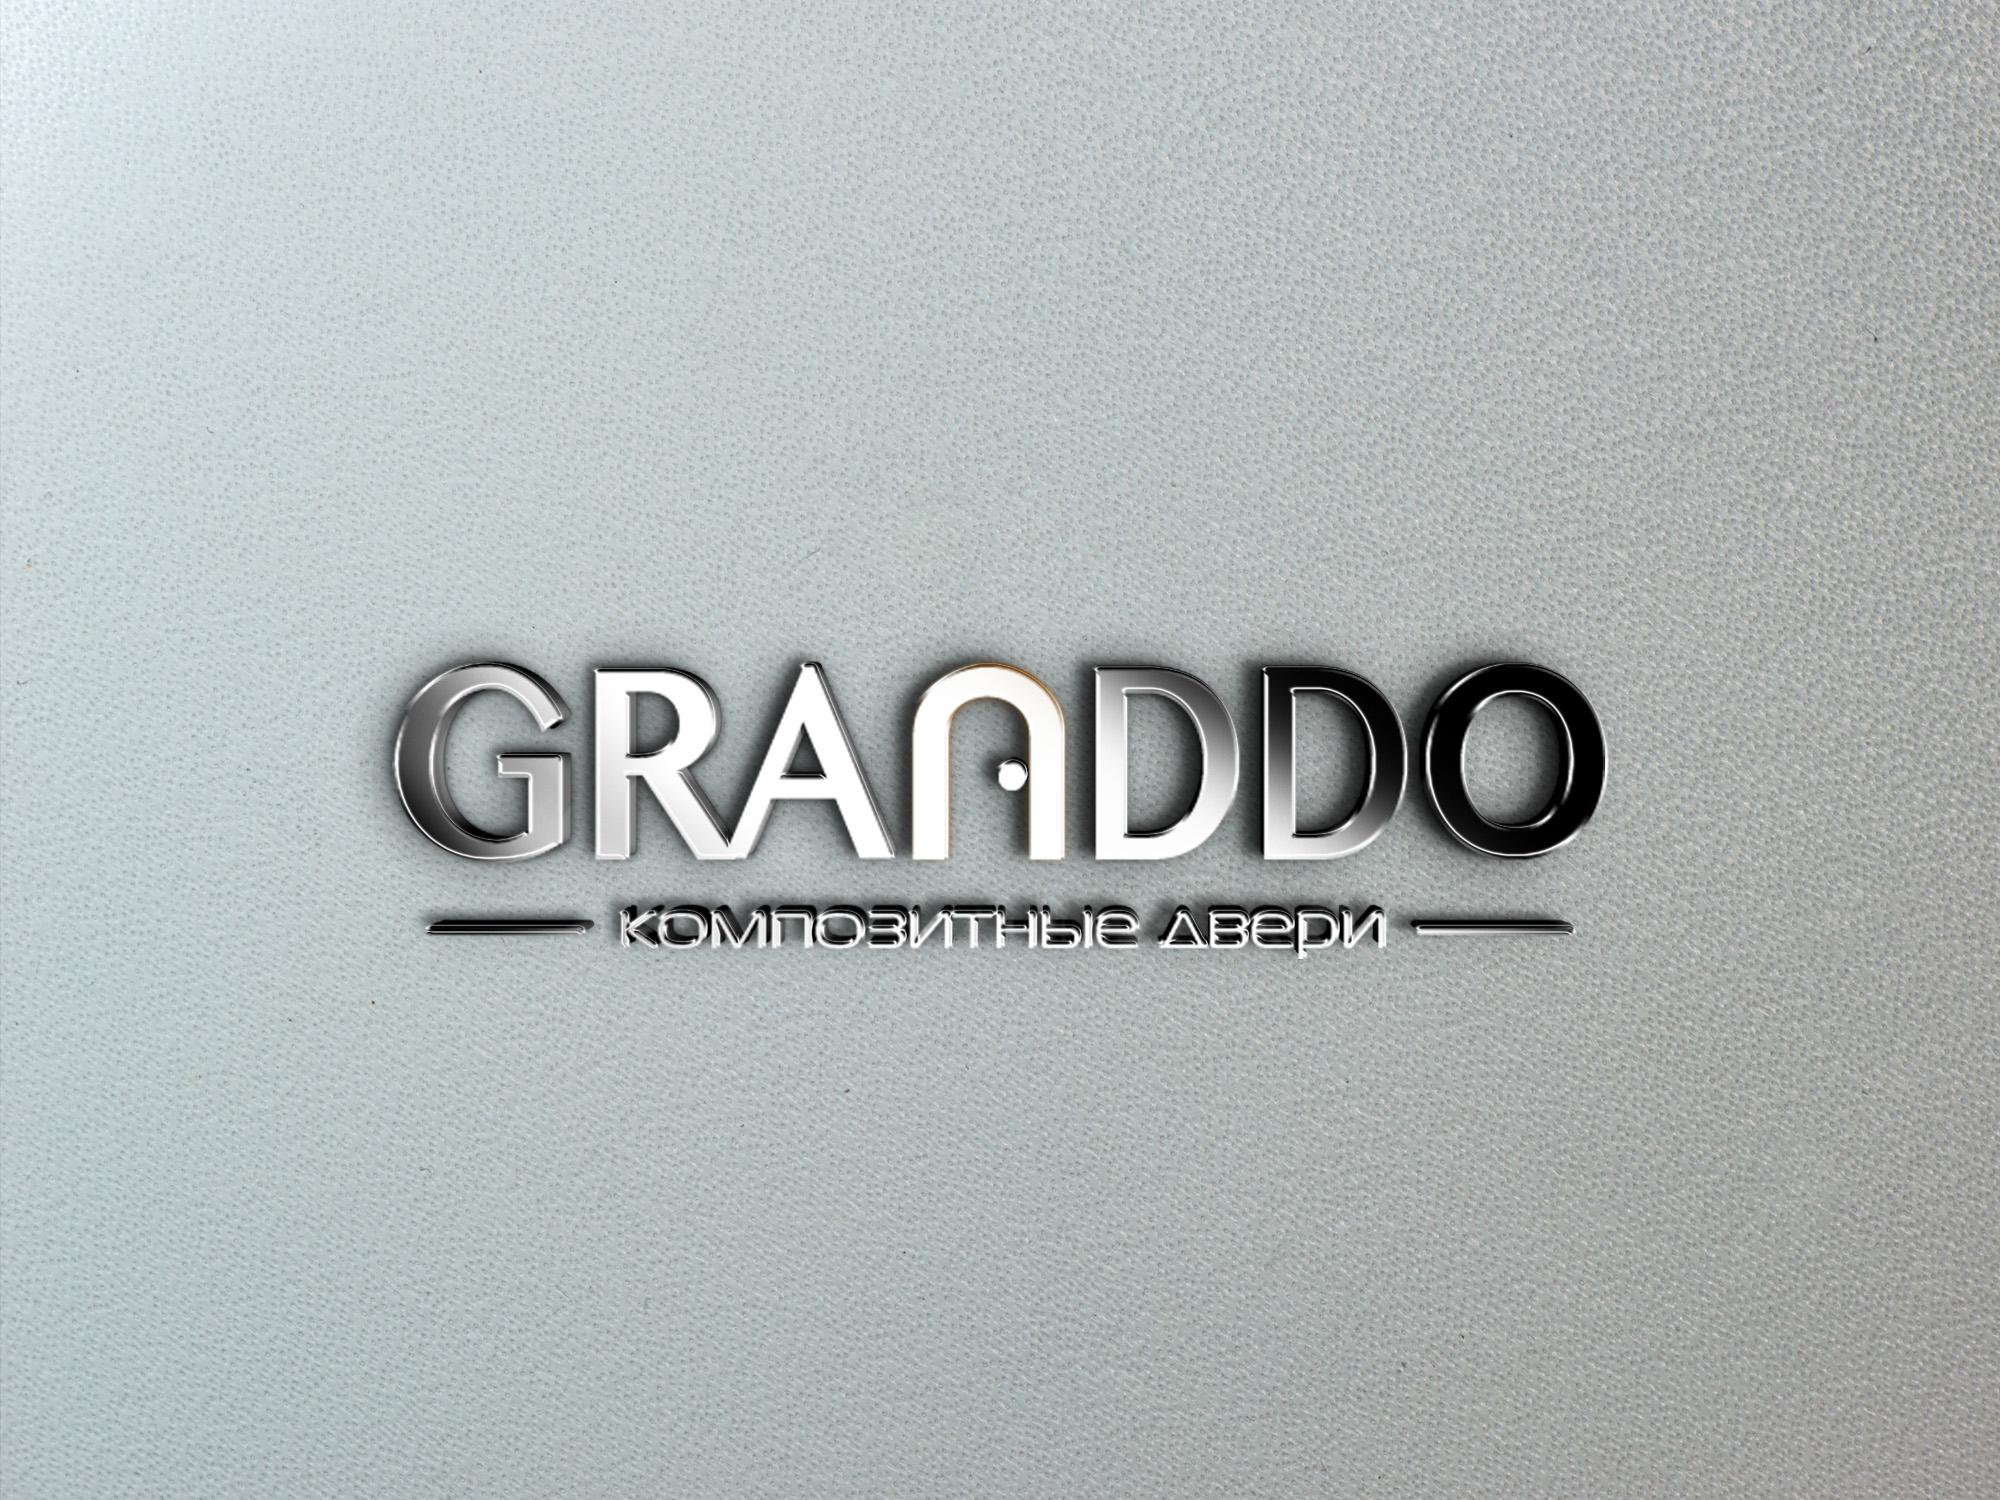 Разработка логотипа фото f_7745a8cc82c93268.jpg